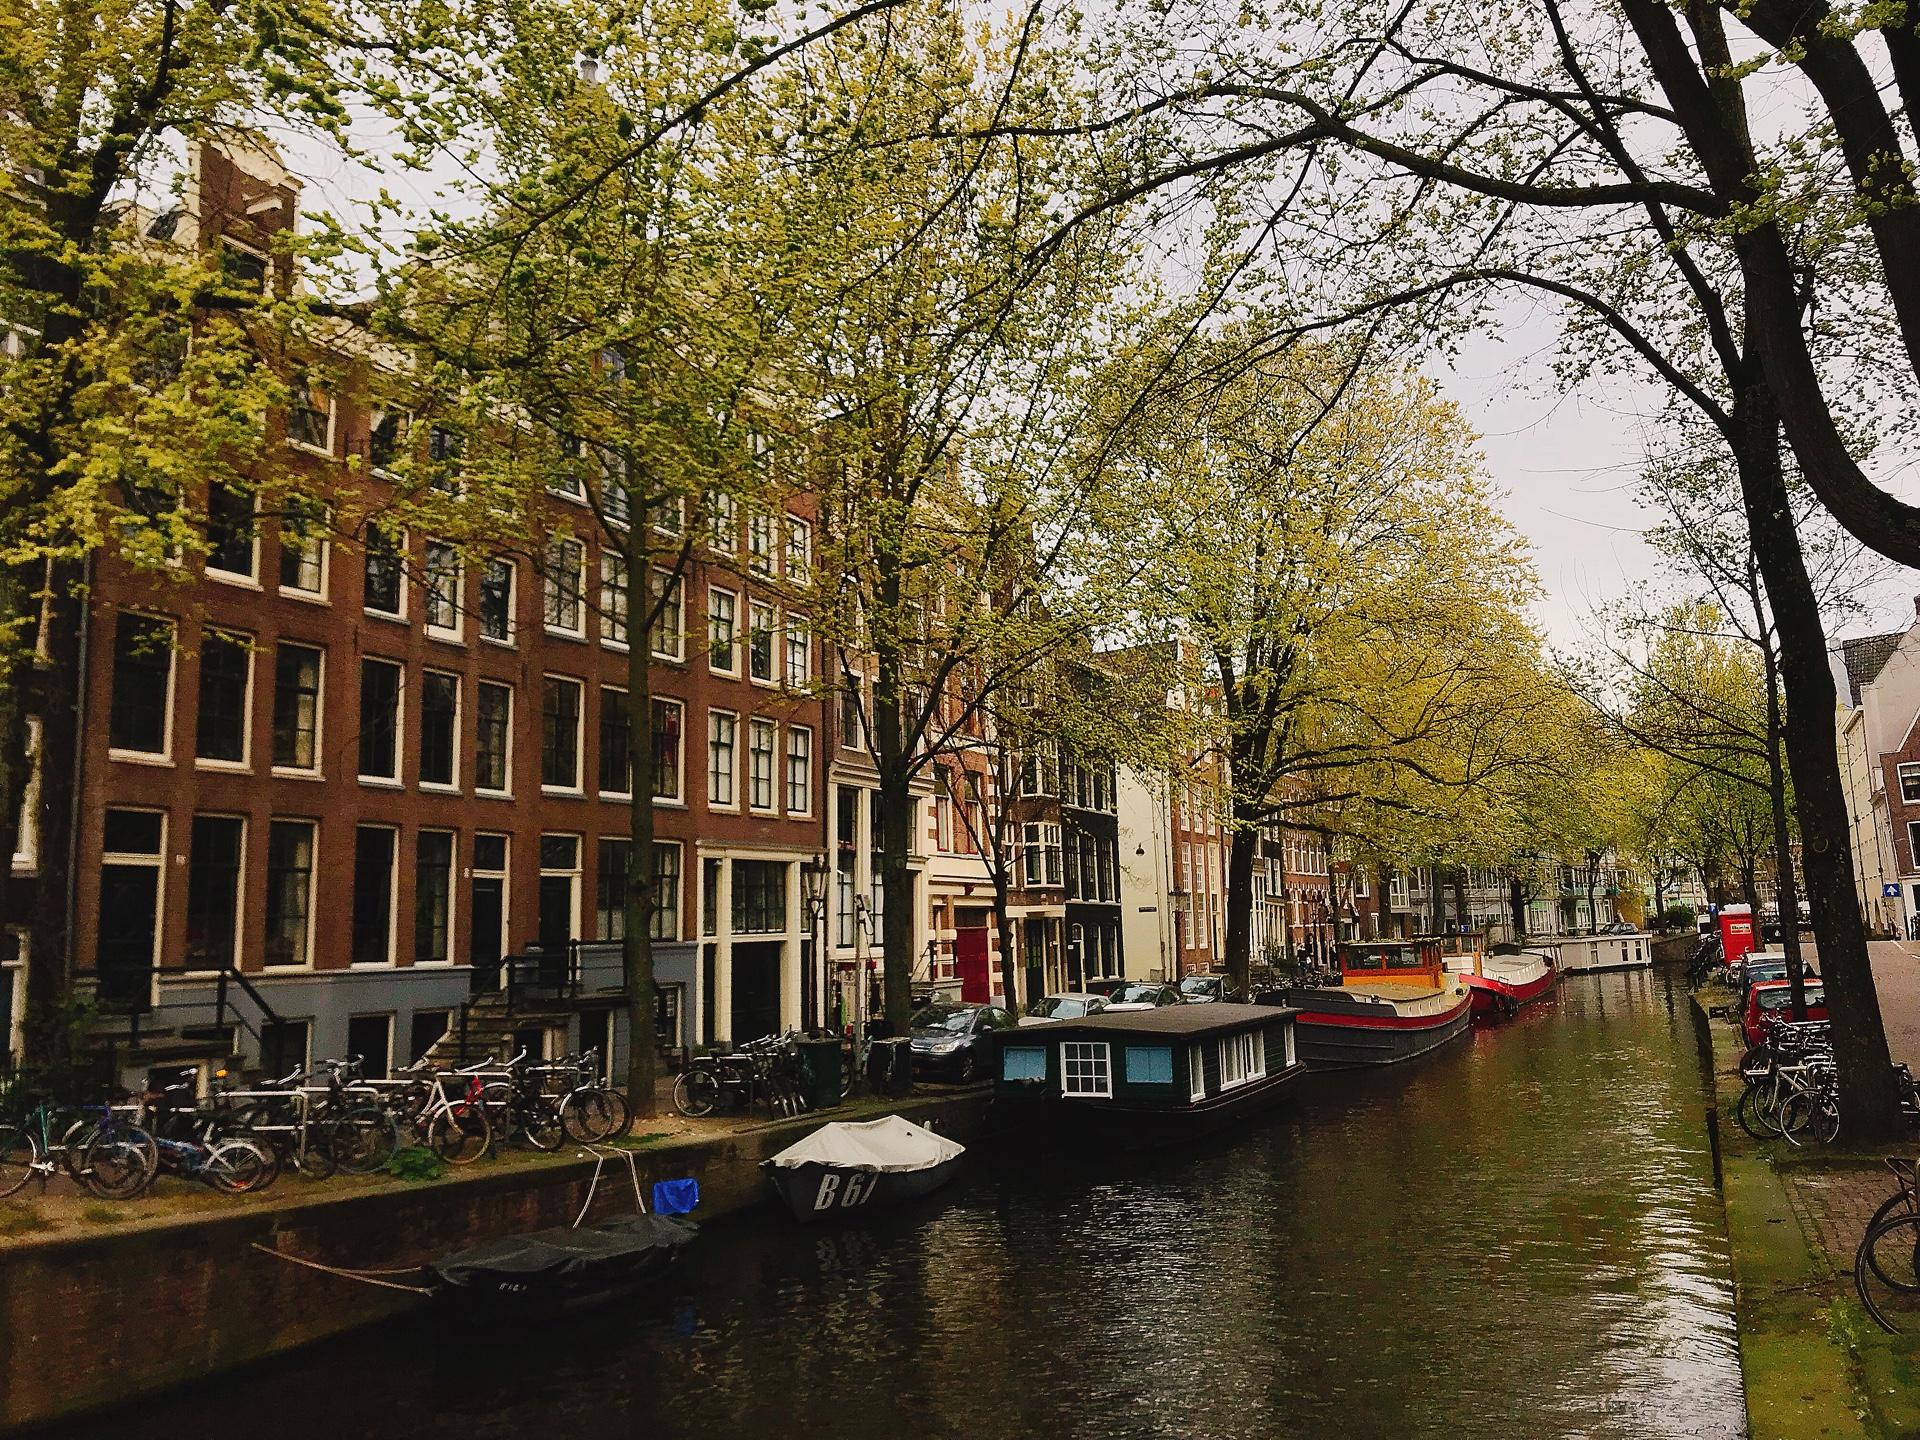 オランダ アムステルダム 運河クルーズ